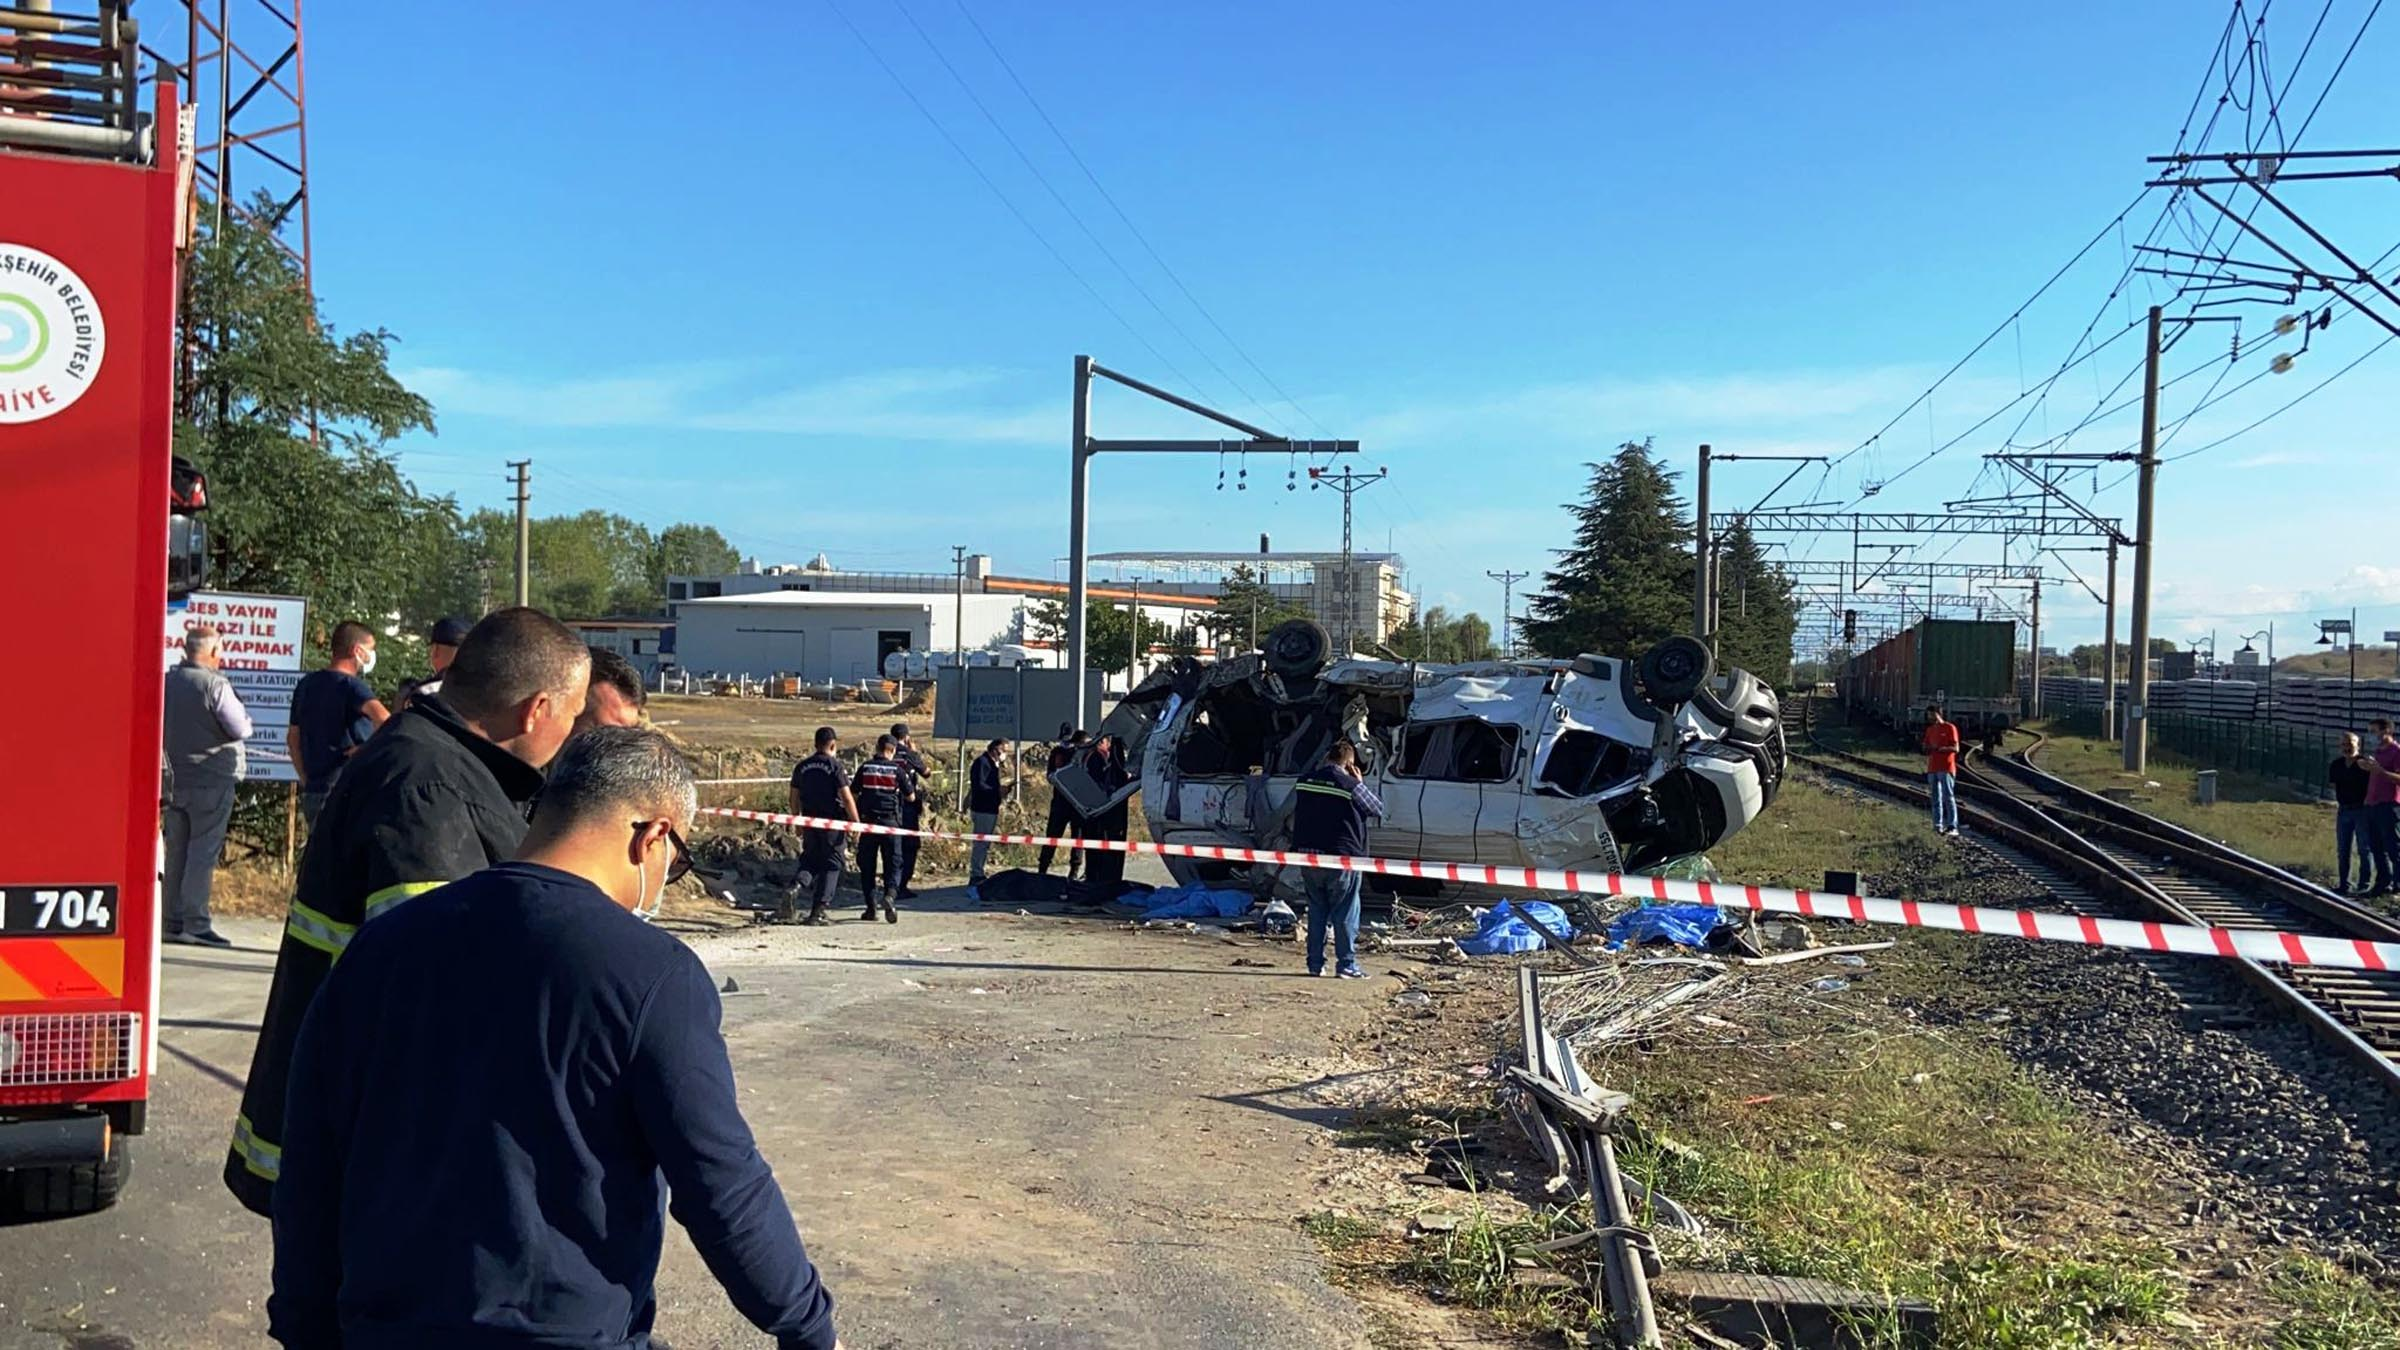 Tekirdağ'ın Ergene ilçesinde yük treni minibüse çarptı: 6 ölü